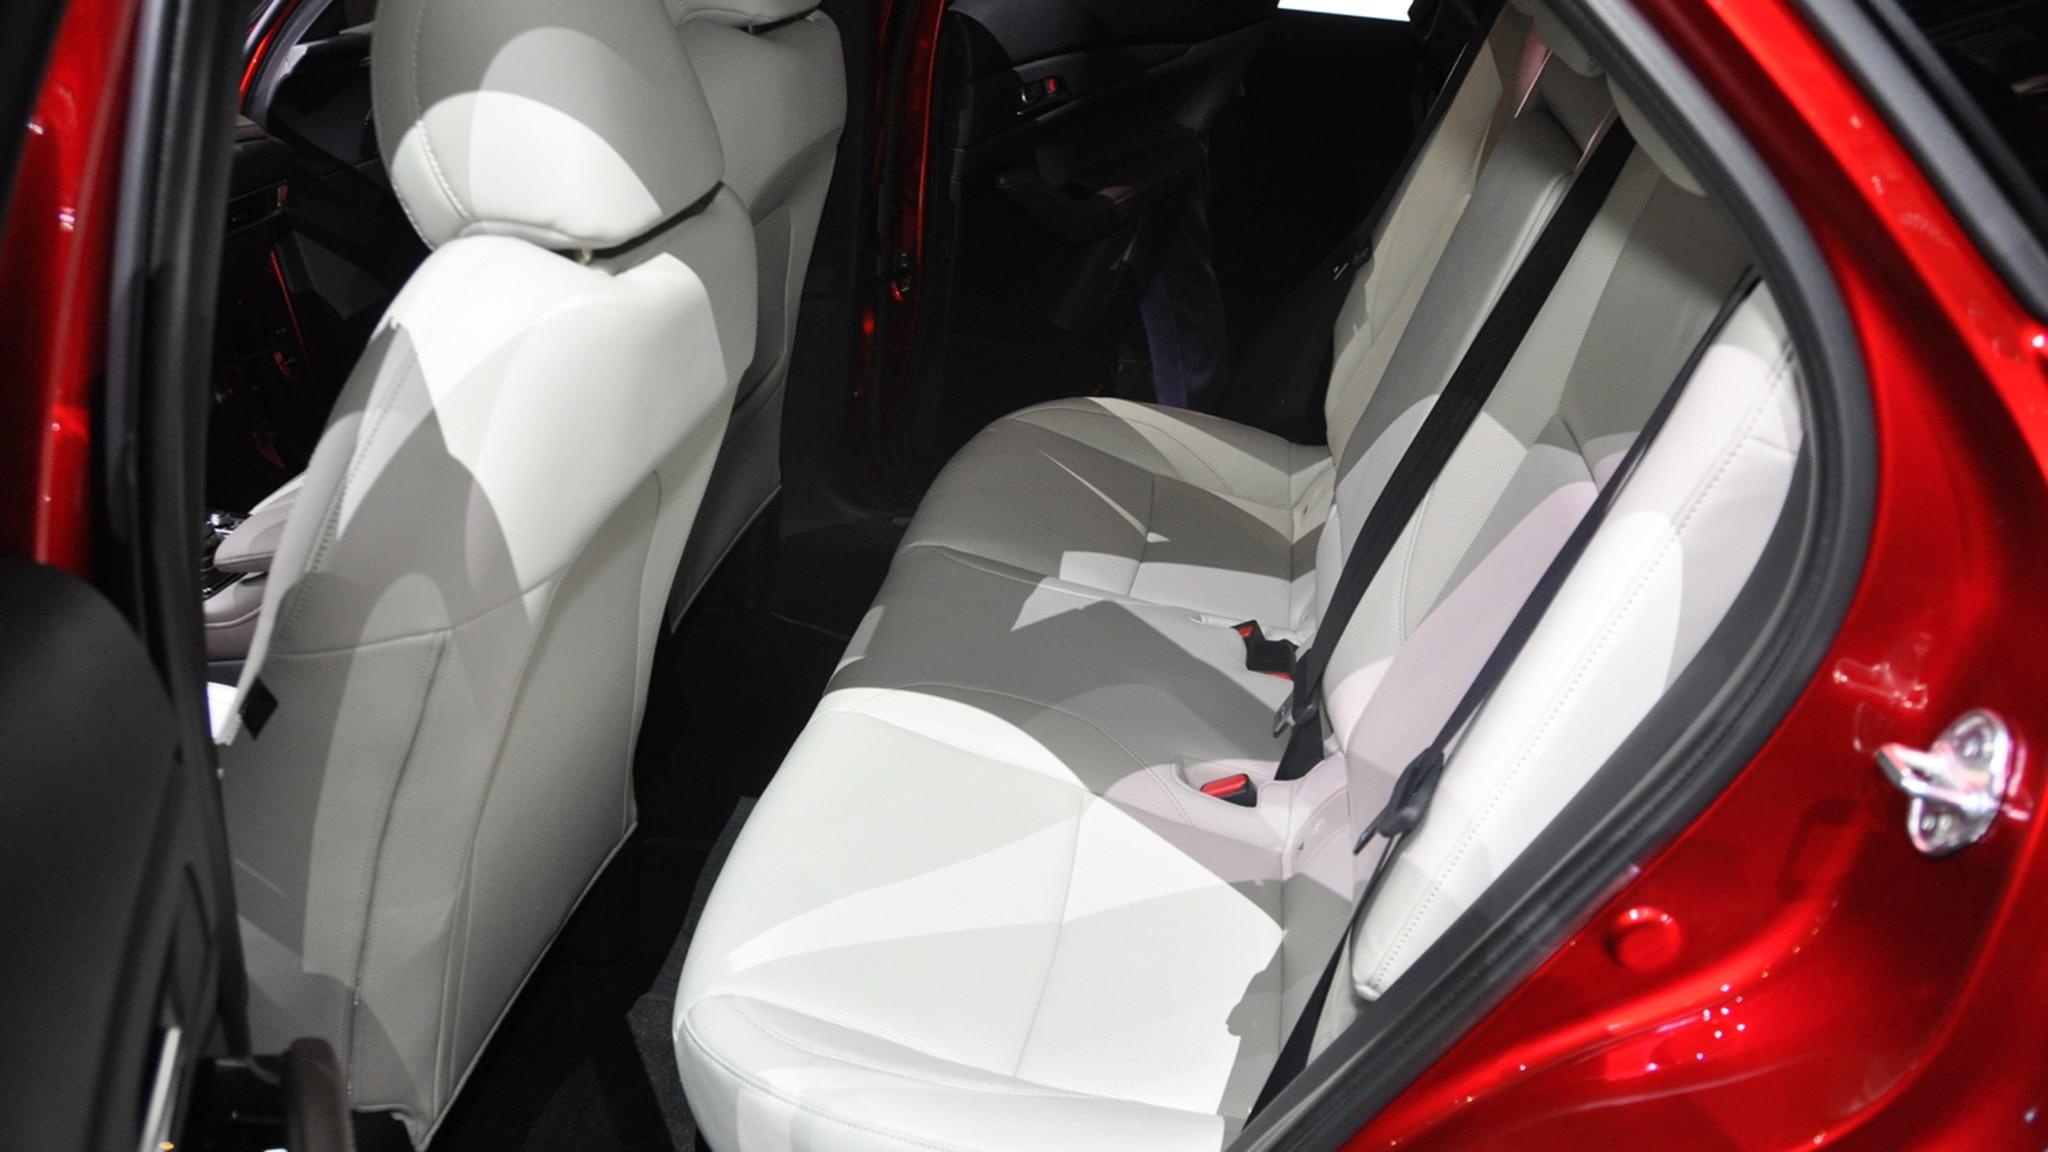 2020 Mazda Cx 30 03 1 Motor Trend En Espanol